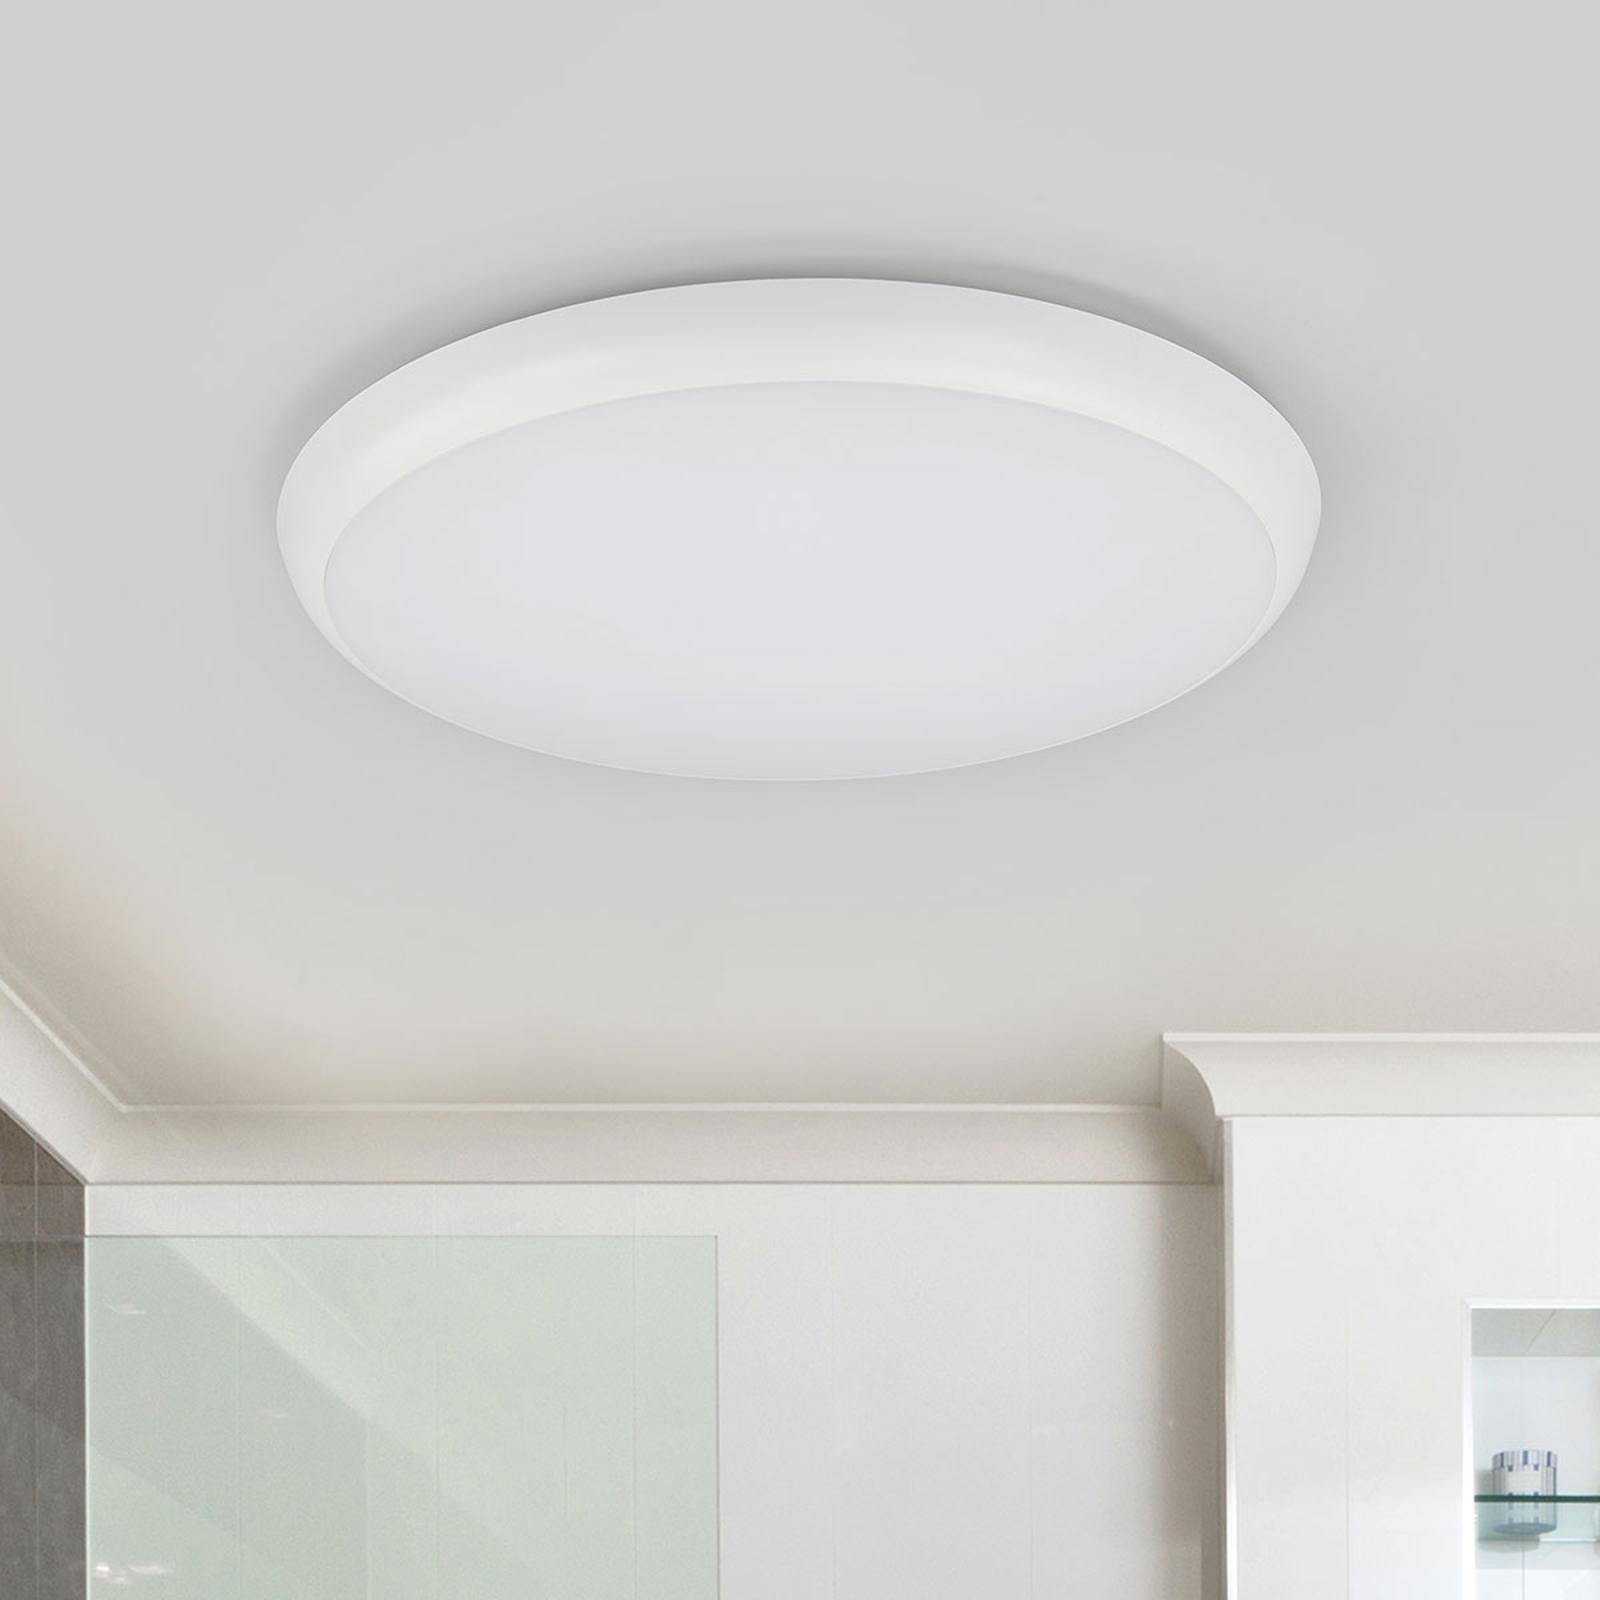 Plafonnier LED Augustin de forme ronde, 40 cm